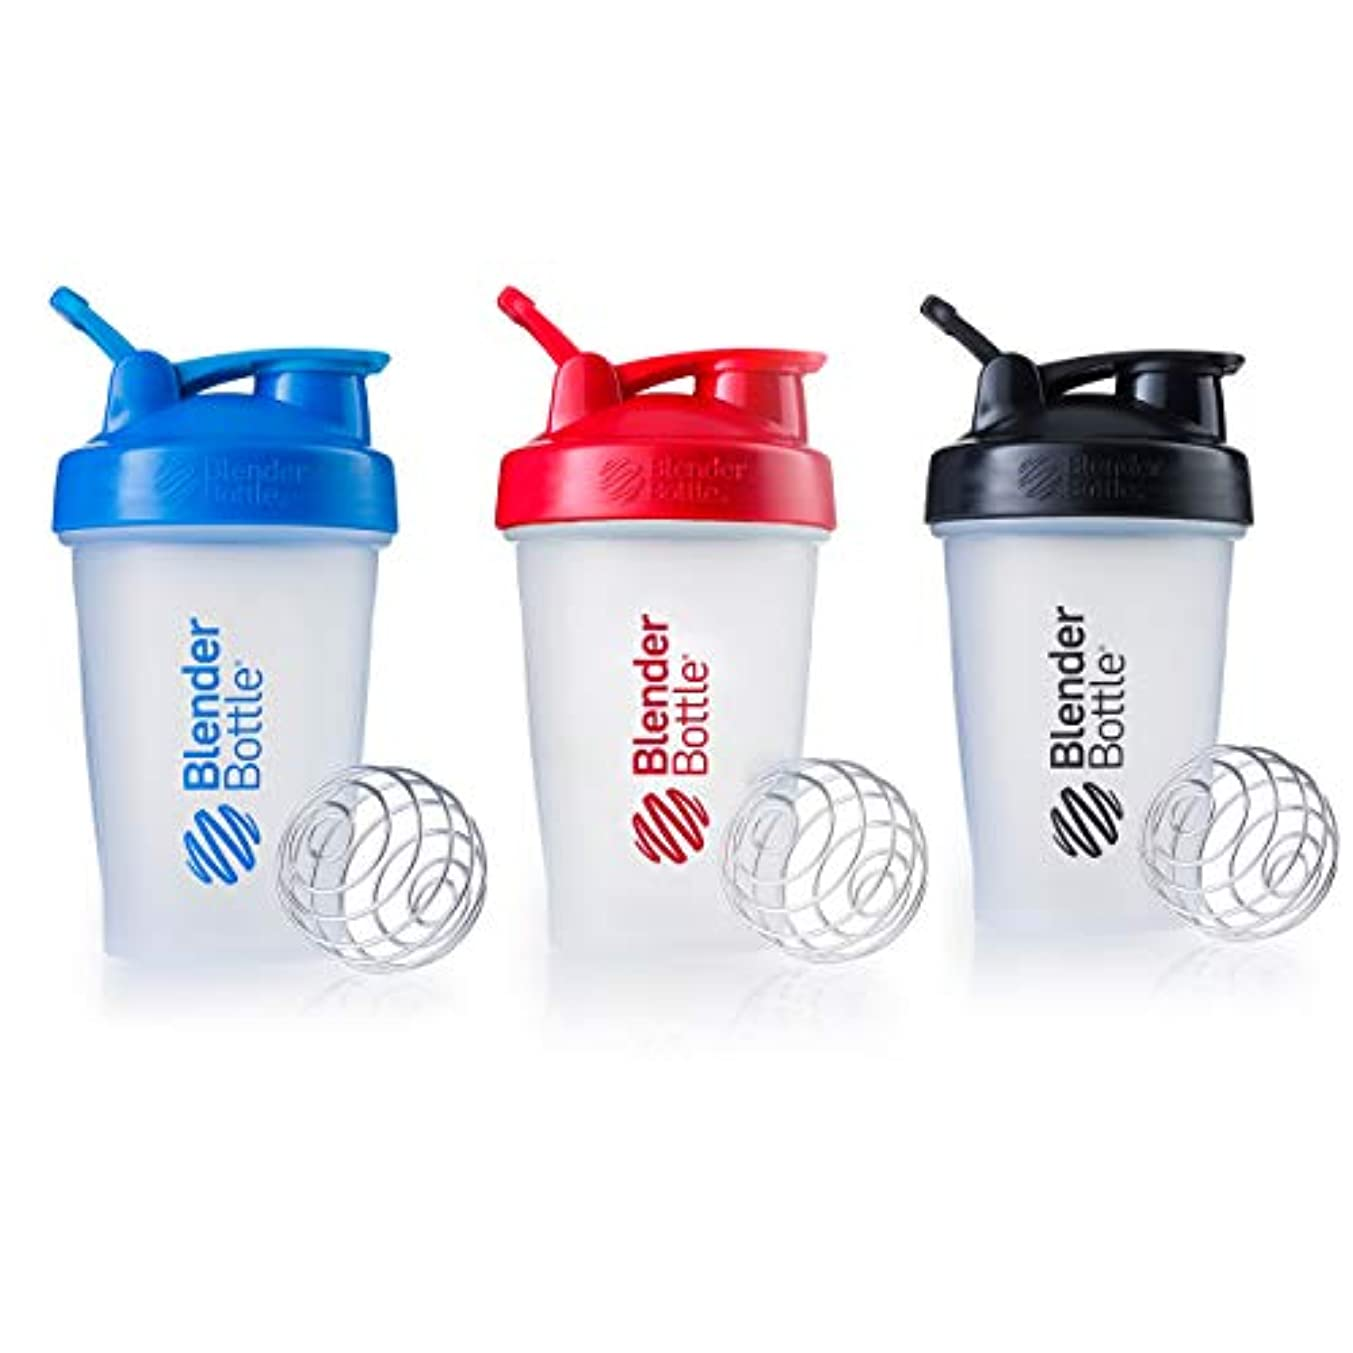 アジア人はちみつ素晴らしい良い多くのBlender Bottle with Shaker Ball 20 Oz, (Blue, Red, Black) by Blender Bottle